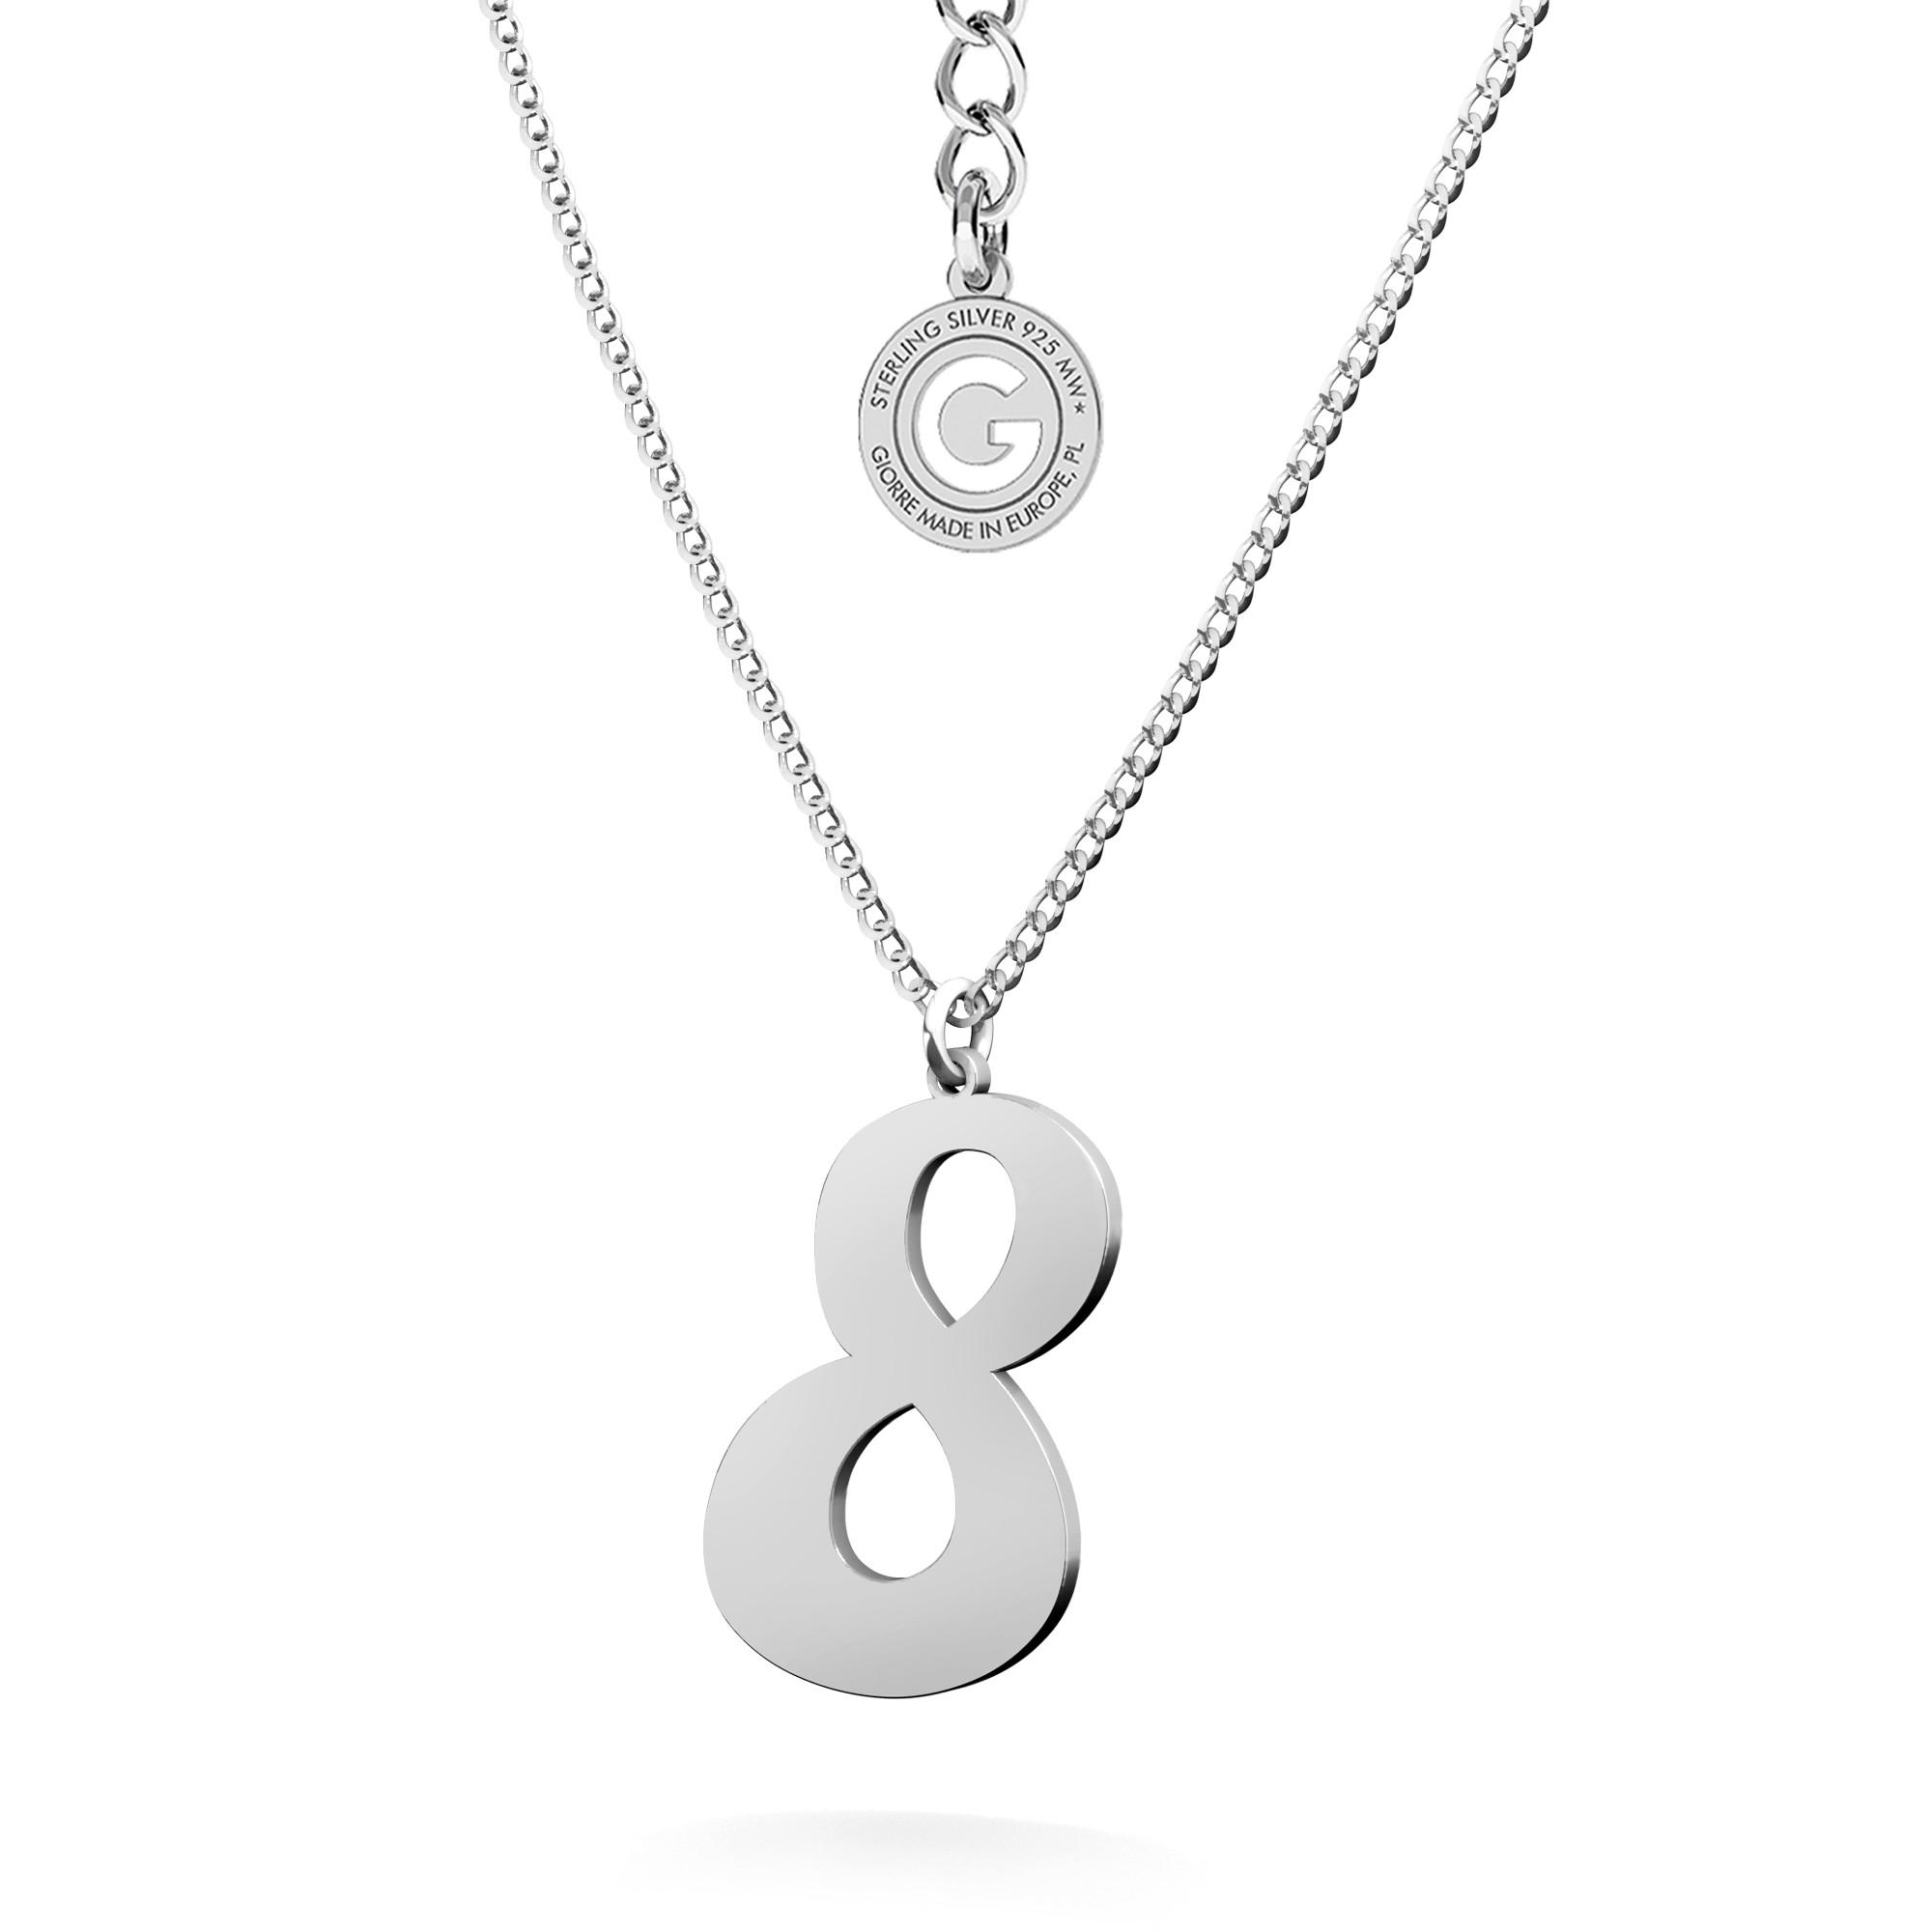 Srebrny naszyjnik z cyfrą, srebro 925